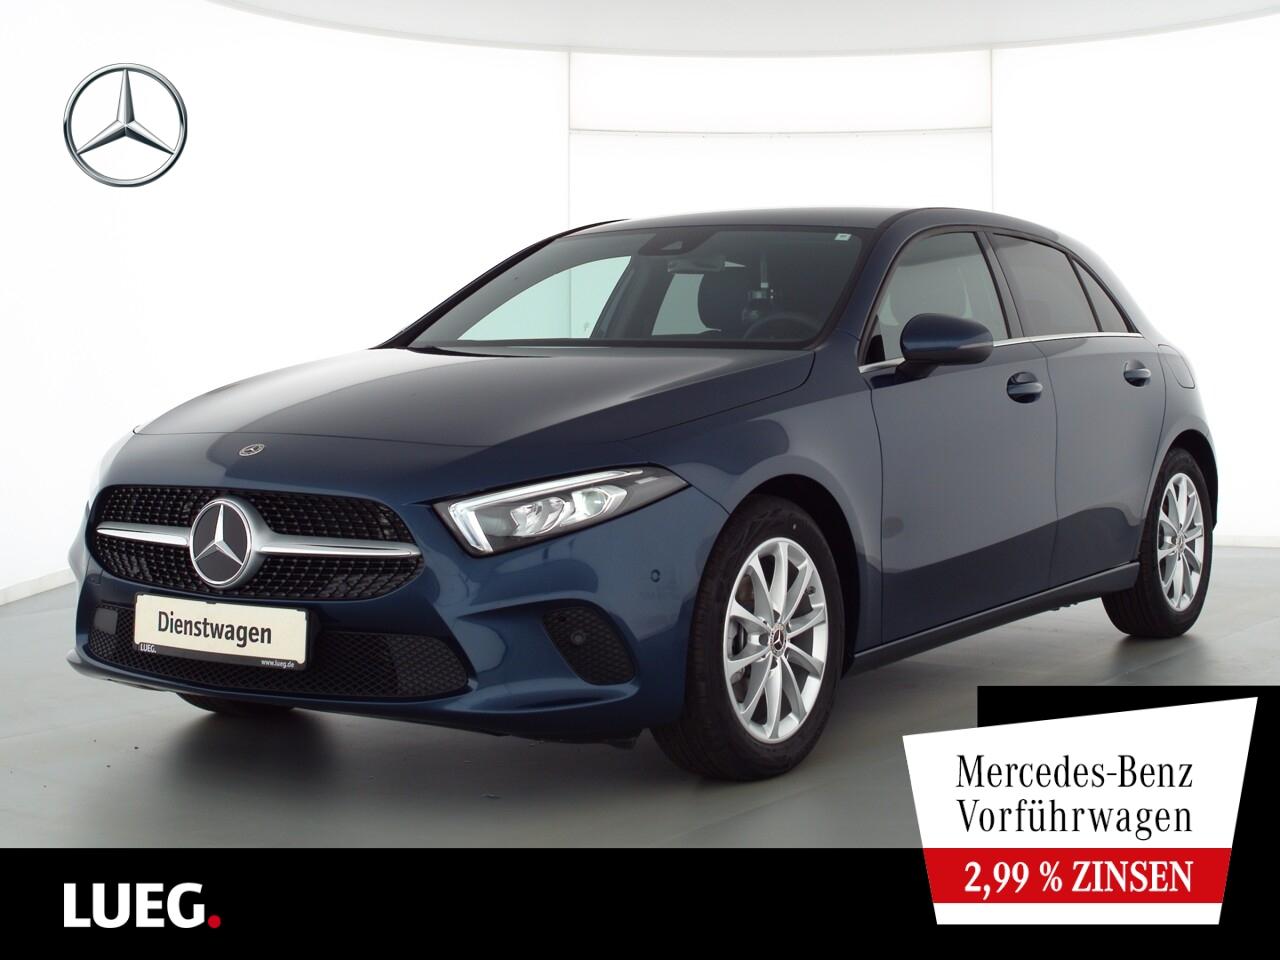 Mercedes-Benz A 180 STYLE+17''+TOTW.+KAMERA+LED+MBUX-ADVANCED, Jahr 2021, Benzin